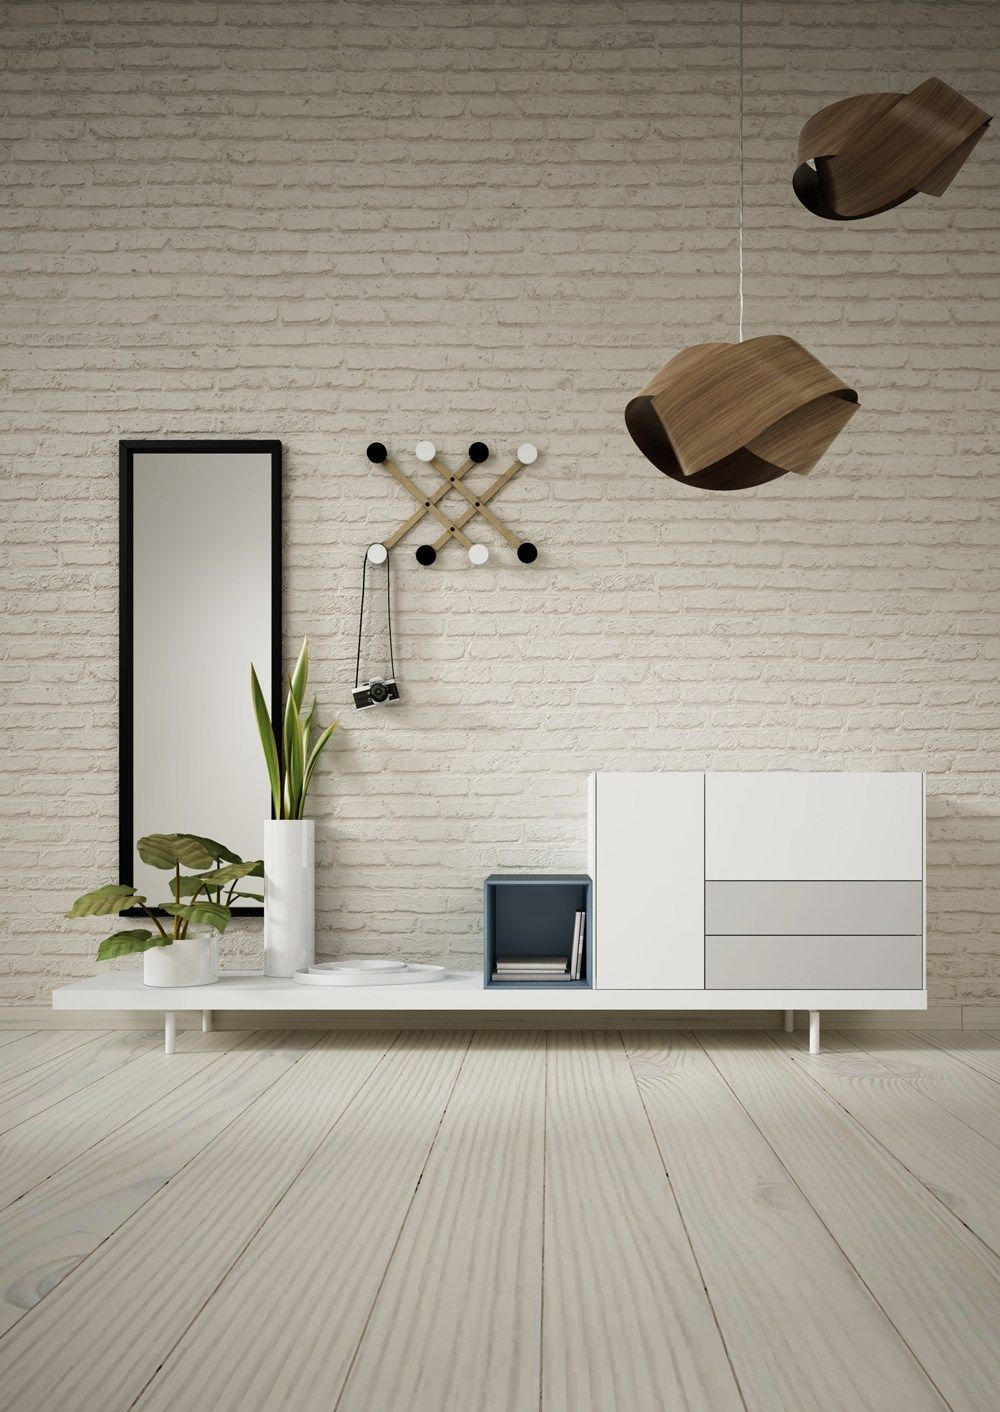 Holzstamm Tisch Design Moebel Interieur